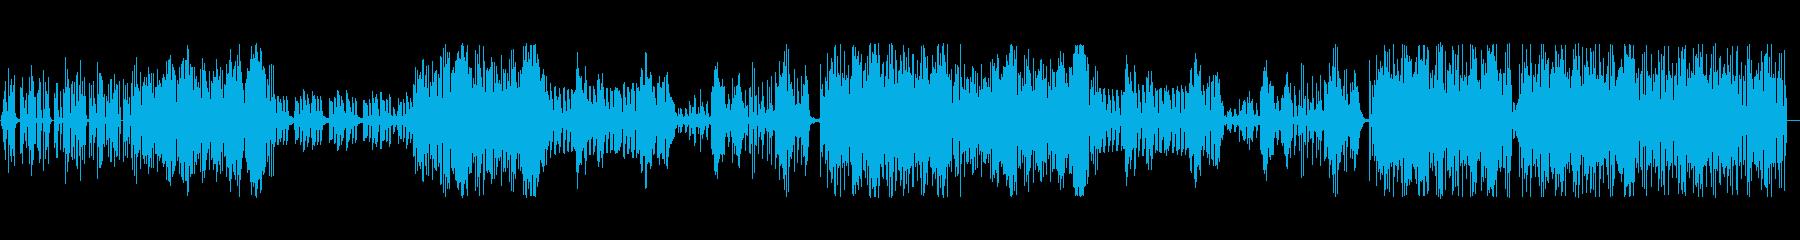 オールドスクールなハウスの再生済みの波形